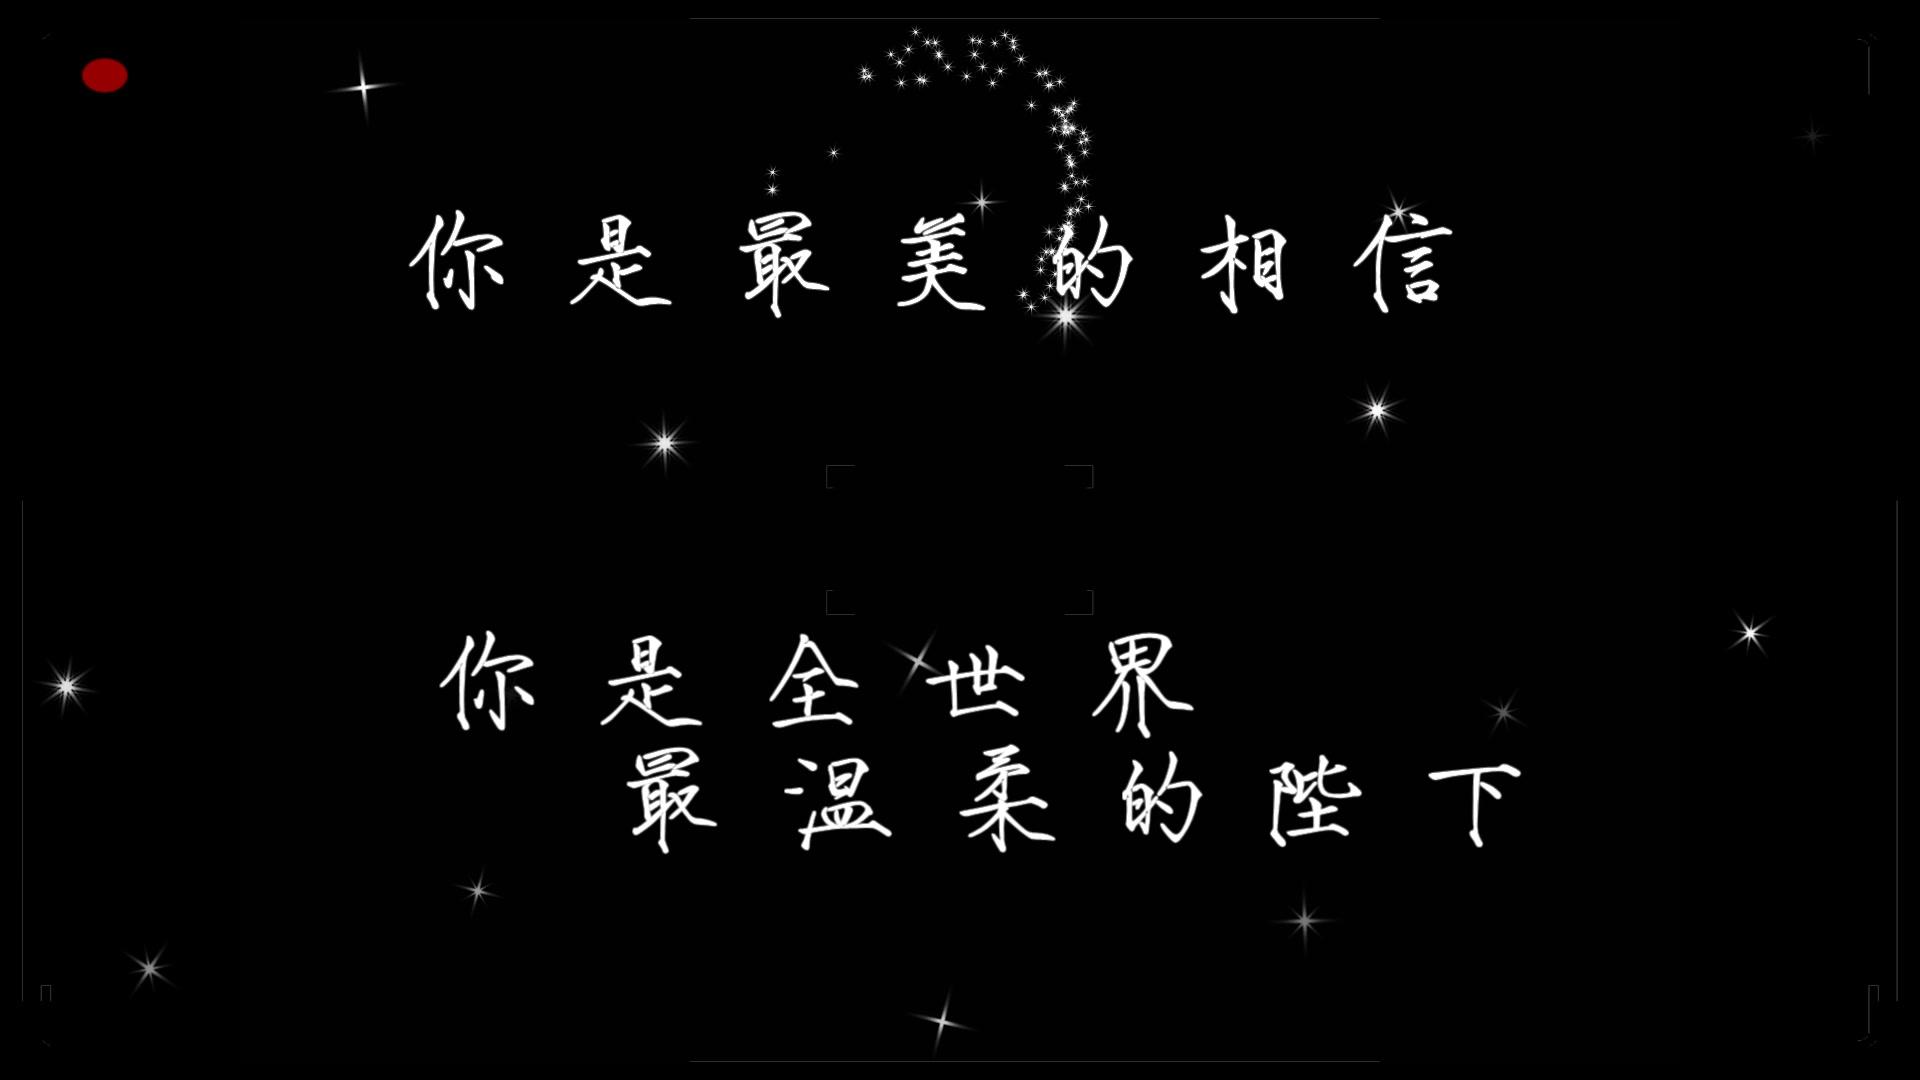 【满汉全席】桜小狼-心愿便利贴